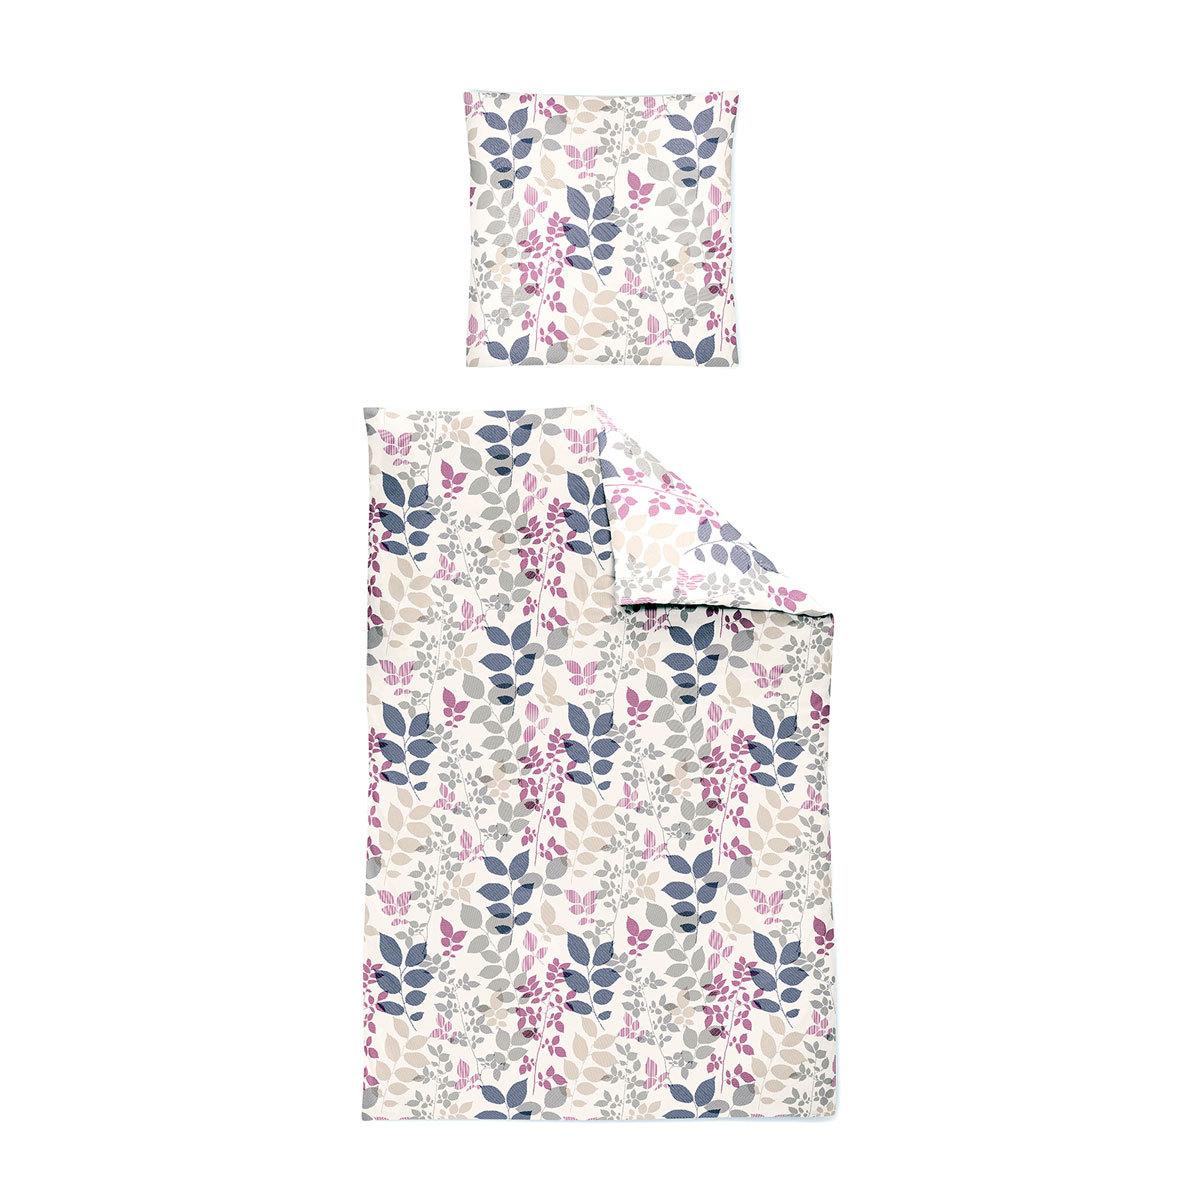 Bettwäsche Bettwaren Wäsche Matratzen Irisette Jersey Bettwäsche